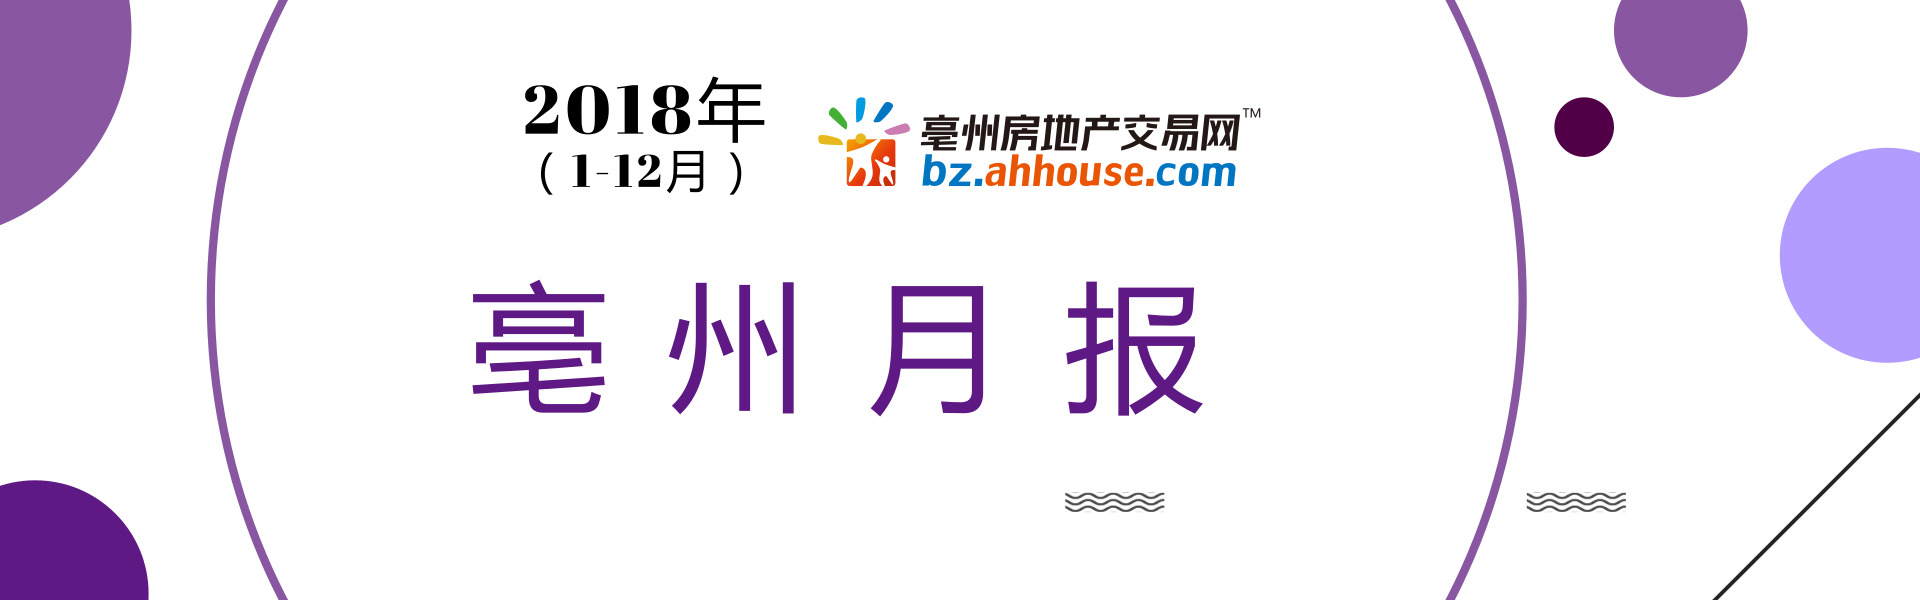 2018年亳州市区房产市场1-5月月报